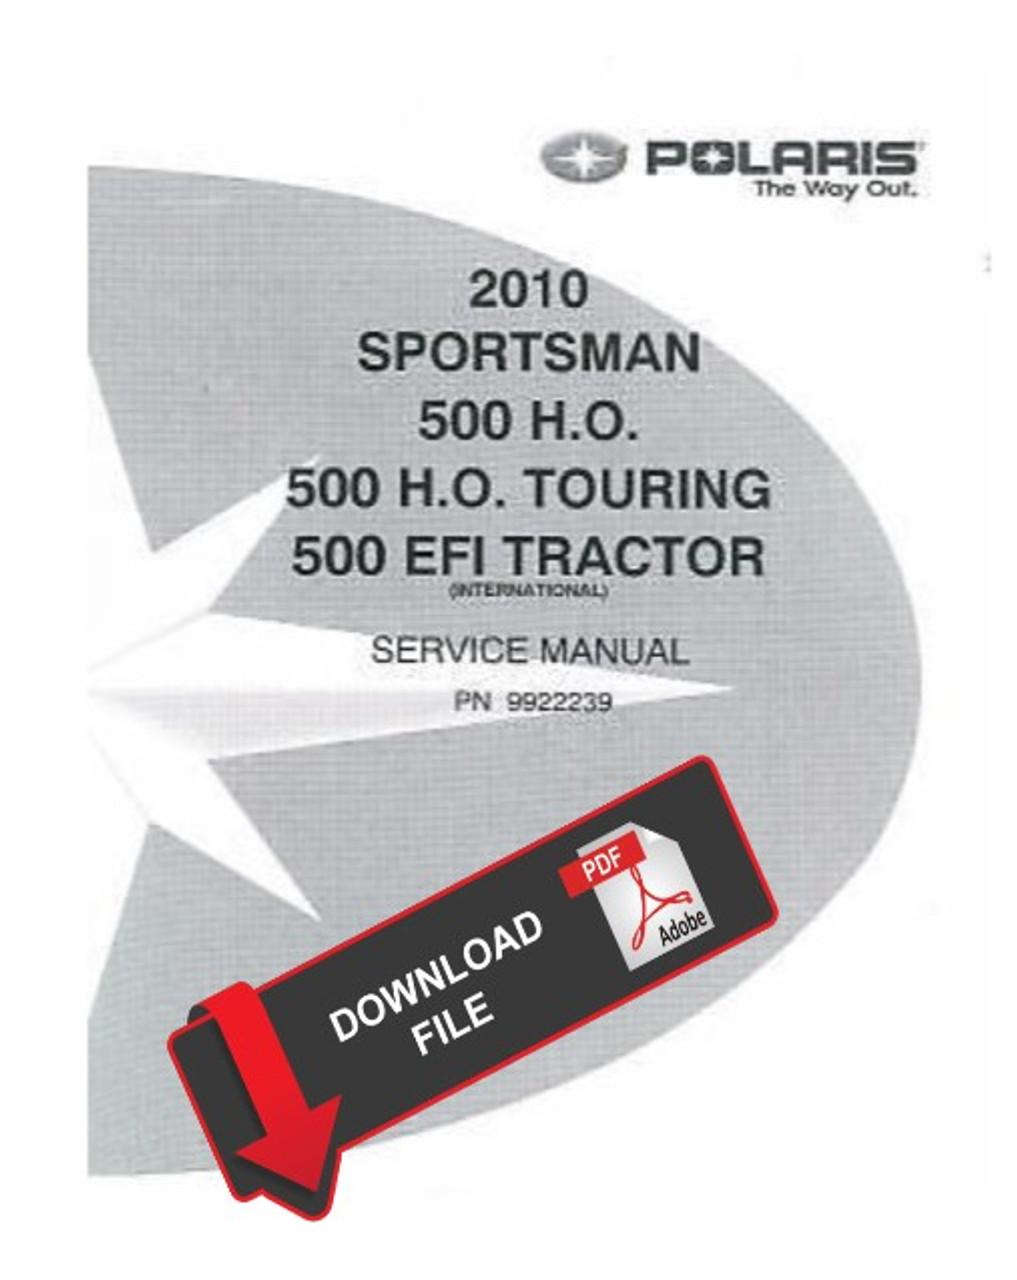 2010 polaris sportsman 500 wiring diagram polaris 2010 sportsman 500 h o atv service manual  sportsman 500 h o atv service manual